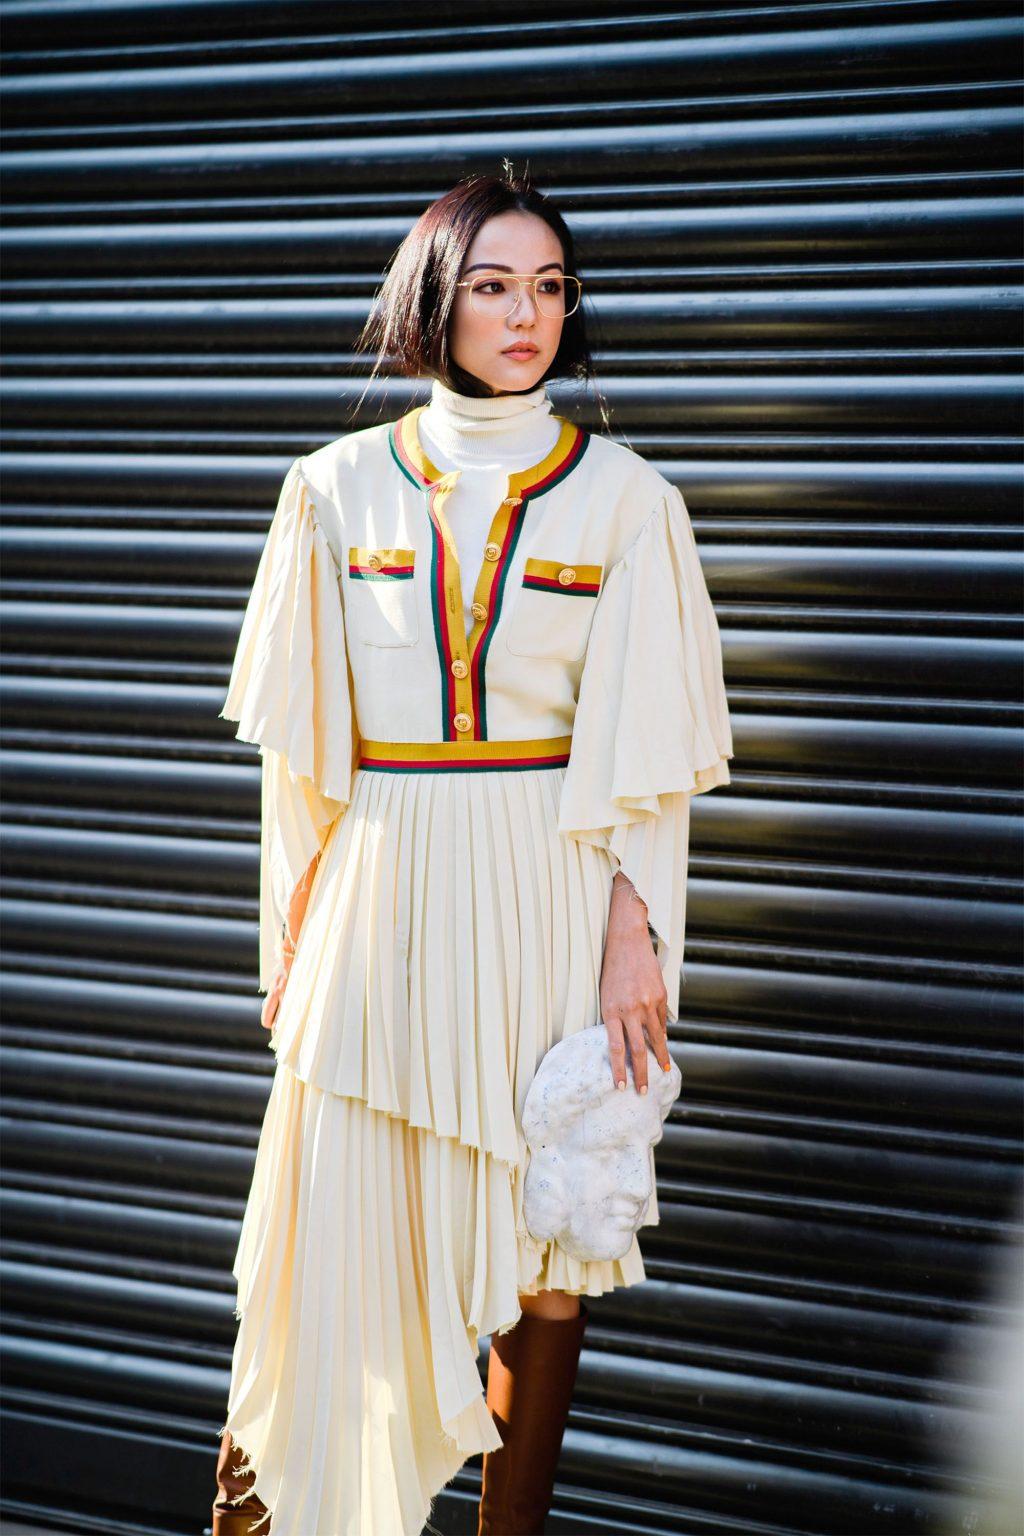 """xu hướng thời trang đường phố hứa hẹn sẽ """"khuấy động"""" làng mốt 12"""